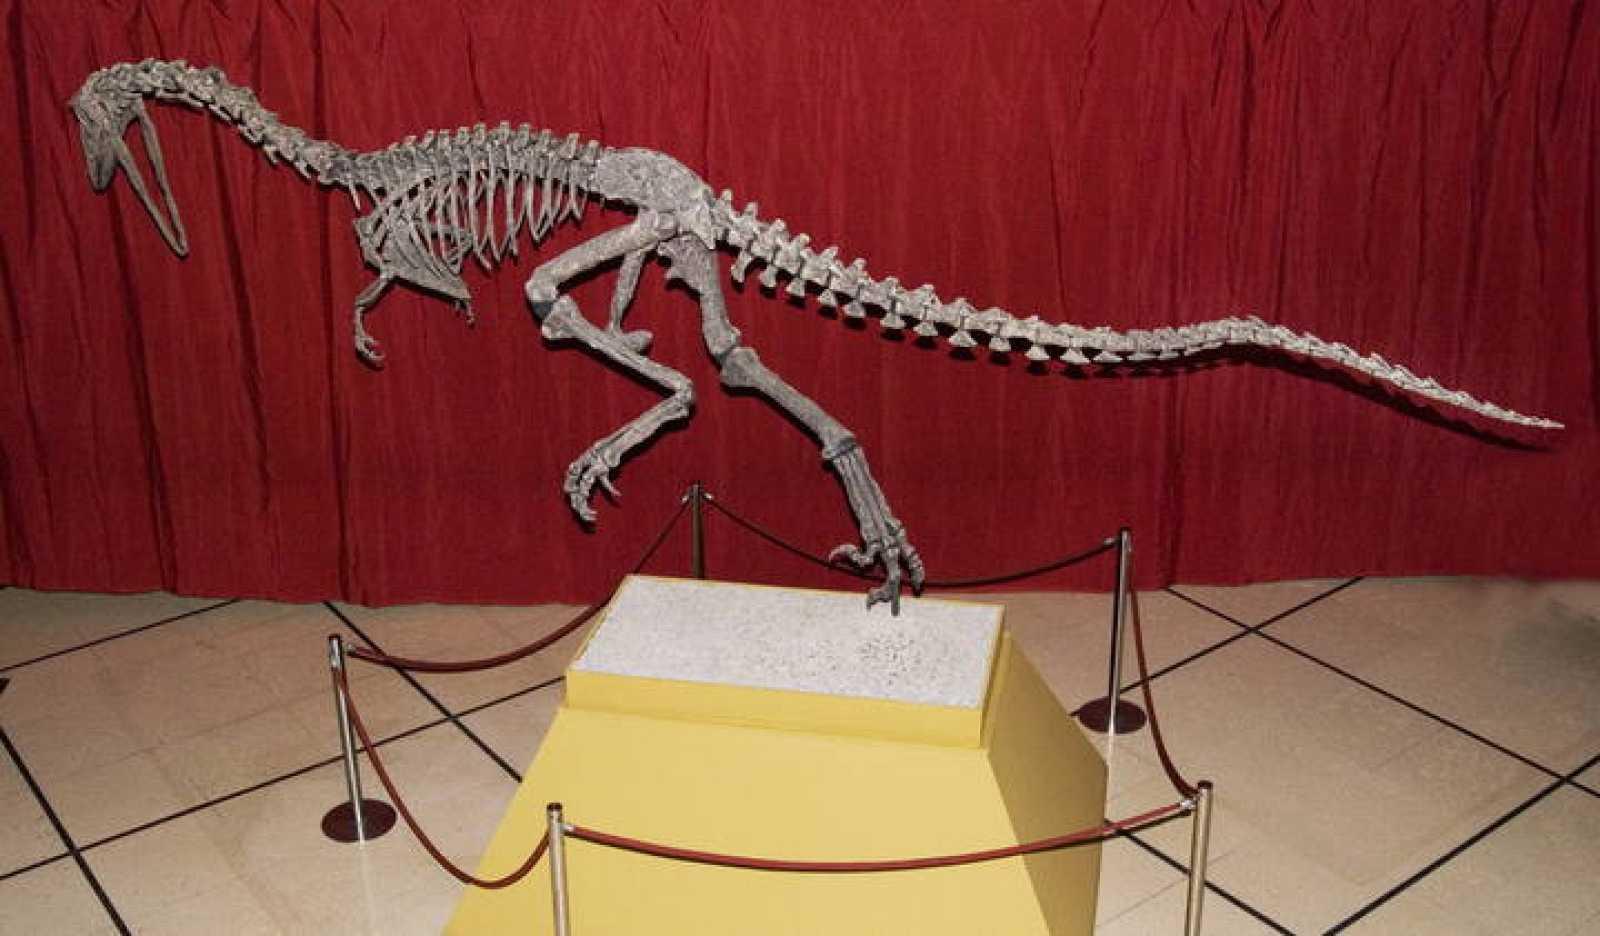 Reconstrucción del Austroraptor, una especie de dinosaurio que vivió en la zona de la Patagonia